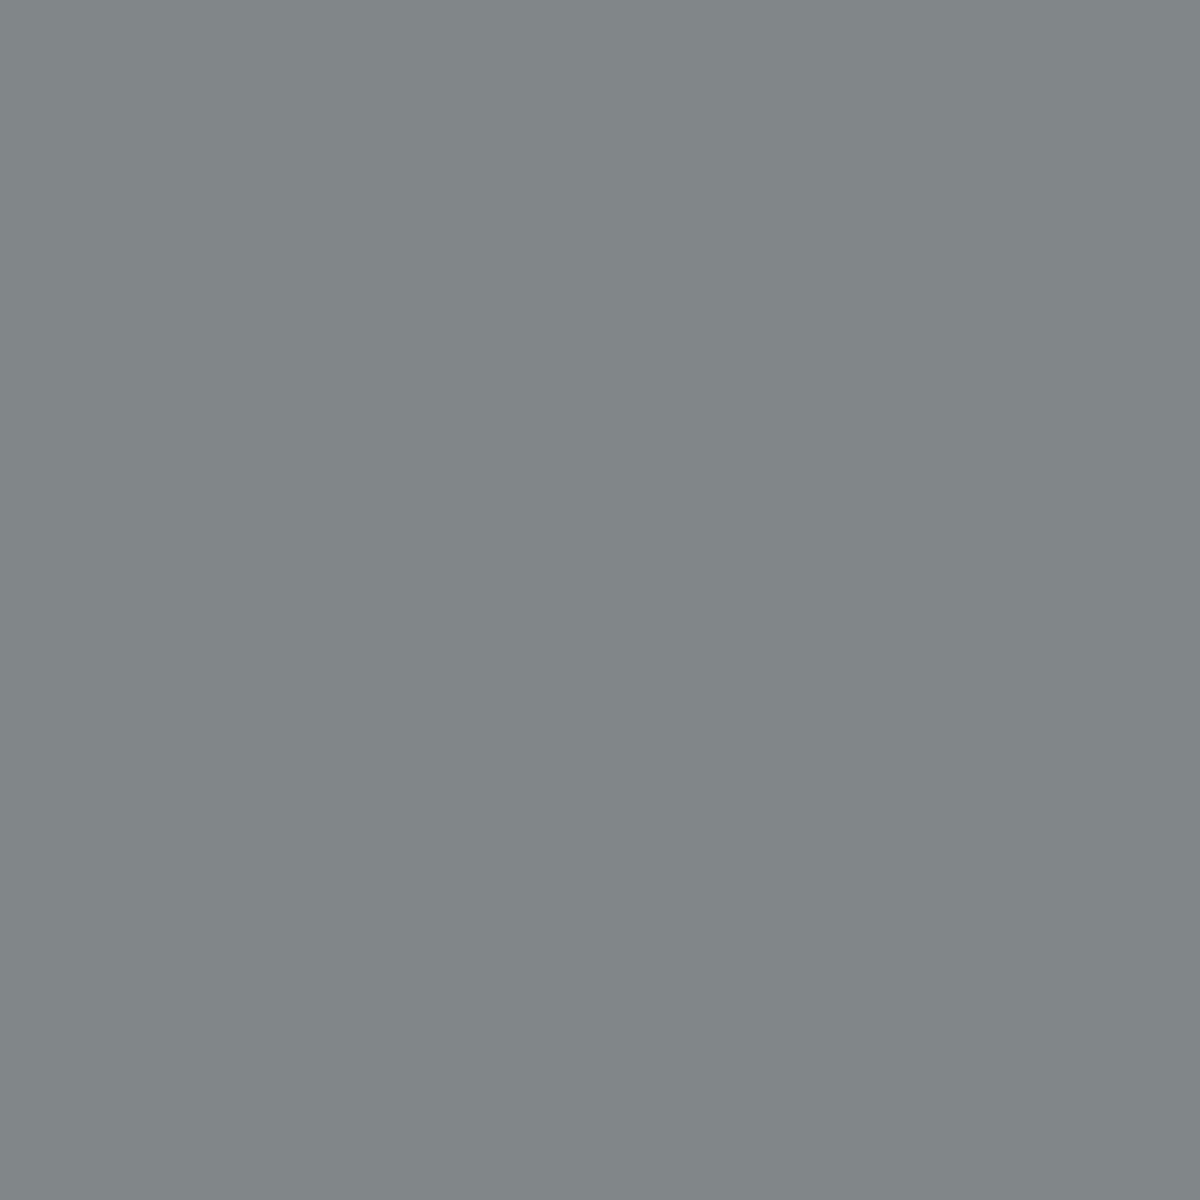 Serviette granite non tissé 40x40 cm Airlaid Duni (60 pièces)